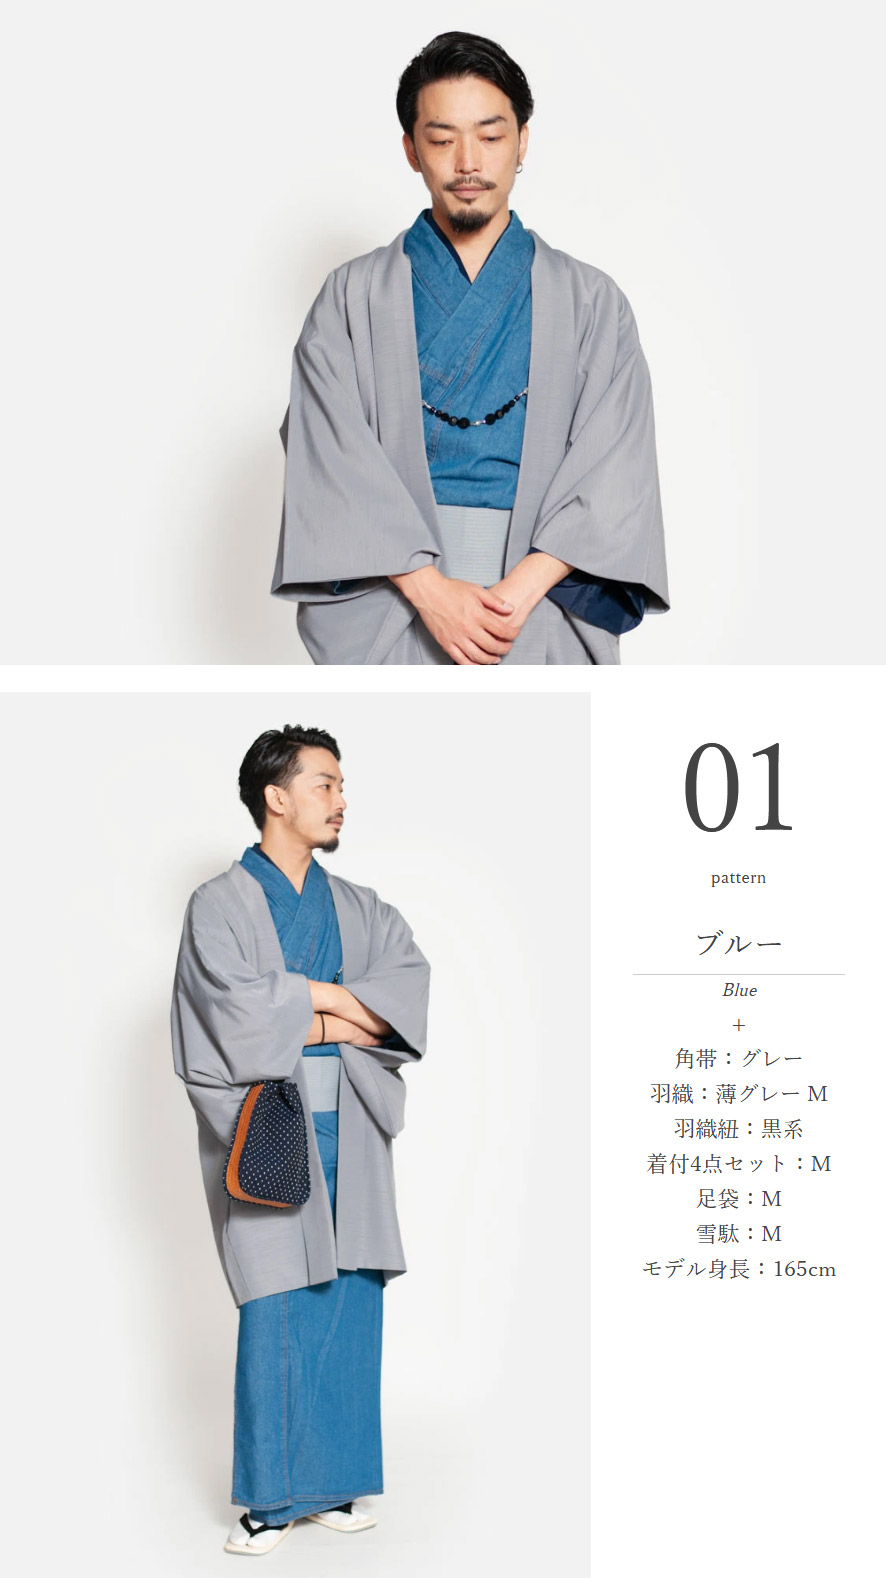 初めての着物にもおすすめのメンズデニム着物セット